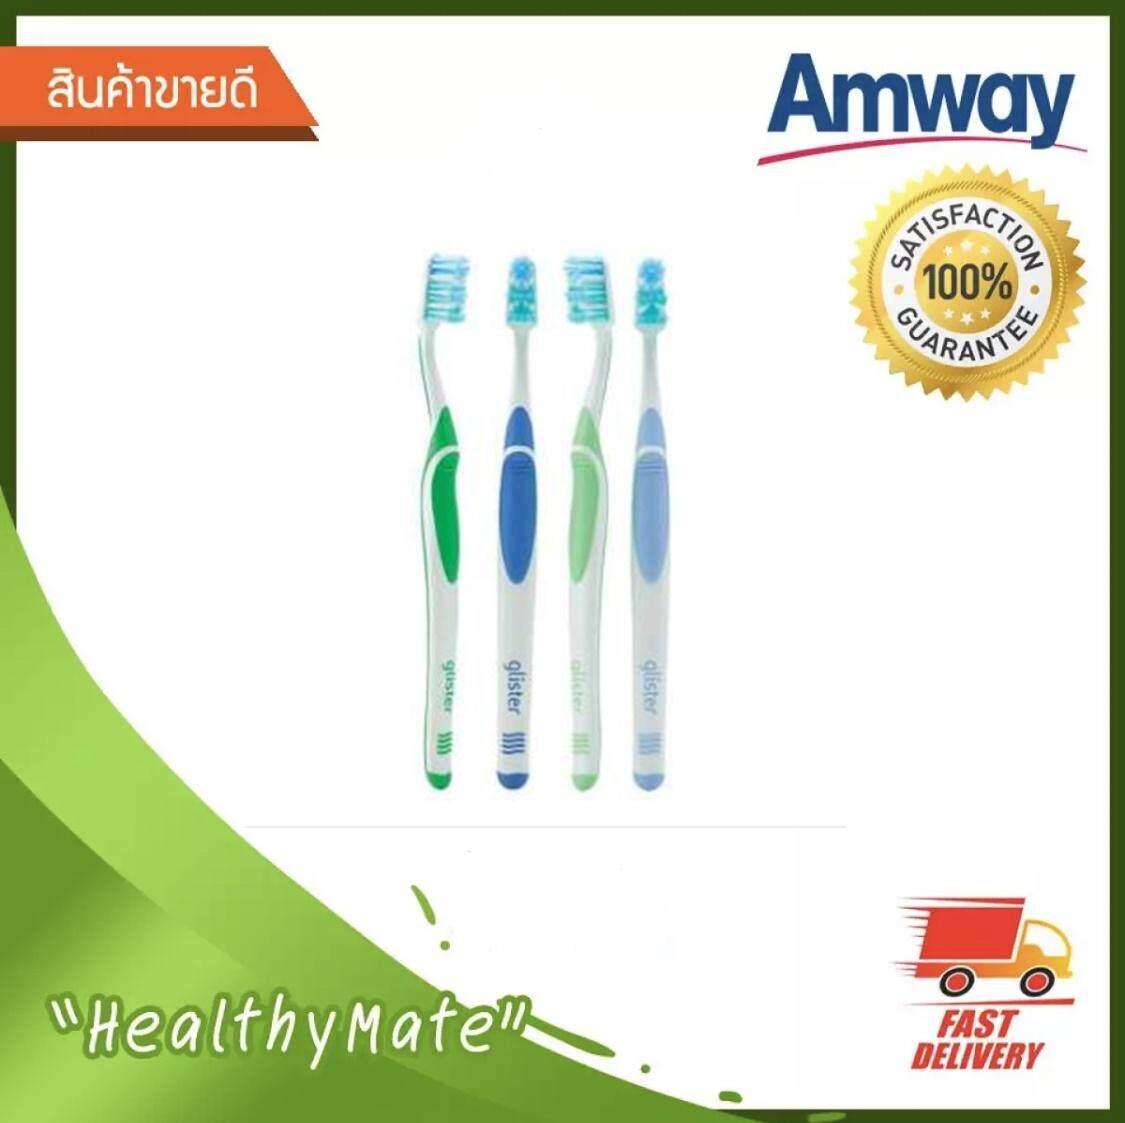 แปรงสีฟันไฟฟ้า รอยยิ้มขาวสดใสใน 1 สัปดาห์ พระนครศรีอยุธยา Amway แอมเวย์ แปรงสีฟันกลิสเทอร์ Glister Advanced Toothbrush จำนวน 4 ด้าม 4 สี กล่อง